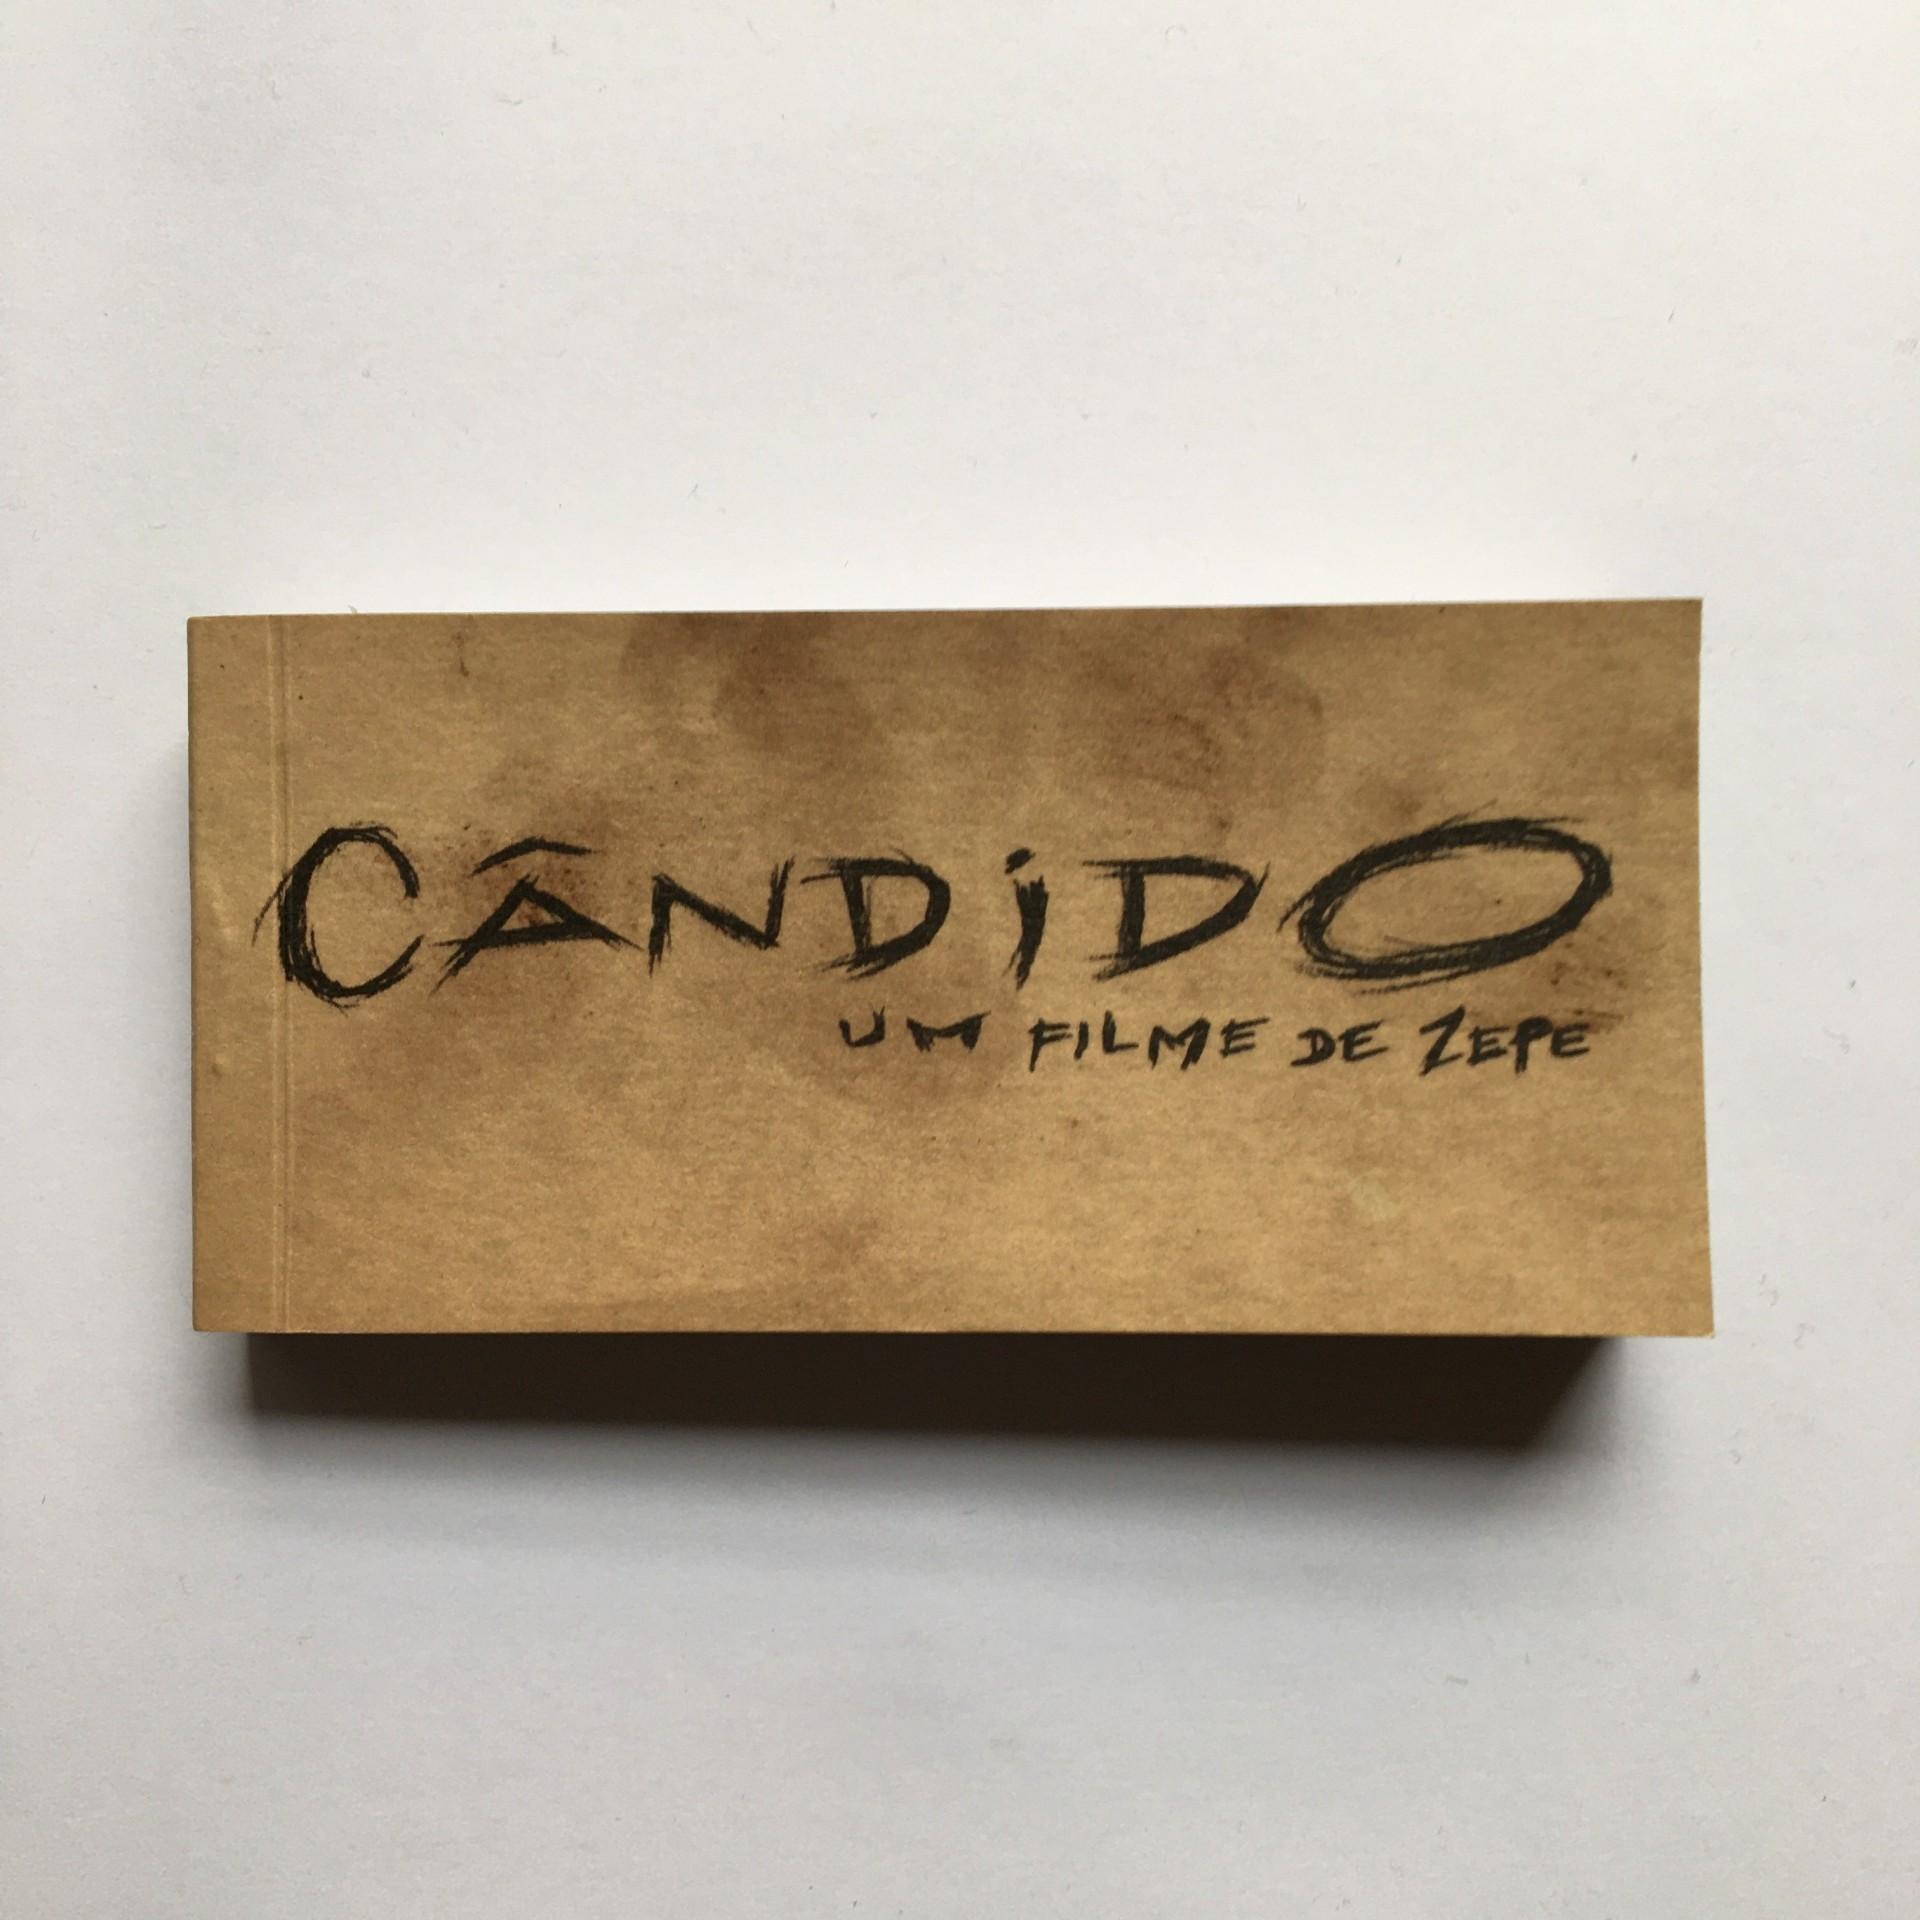 Flipbook Cândido